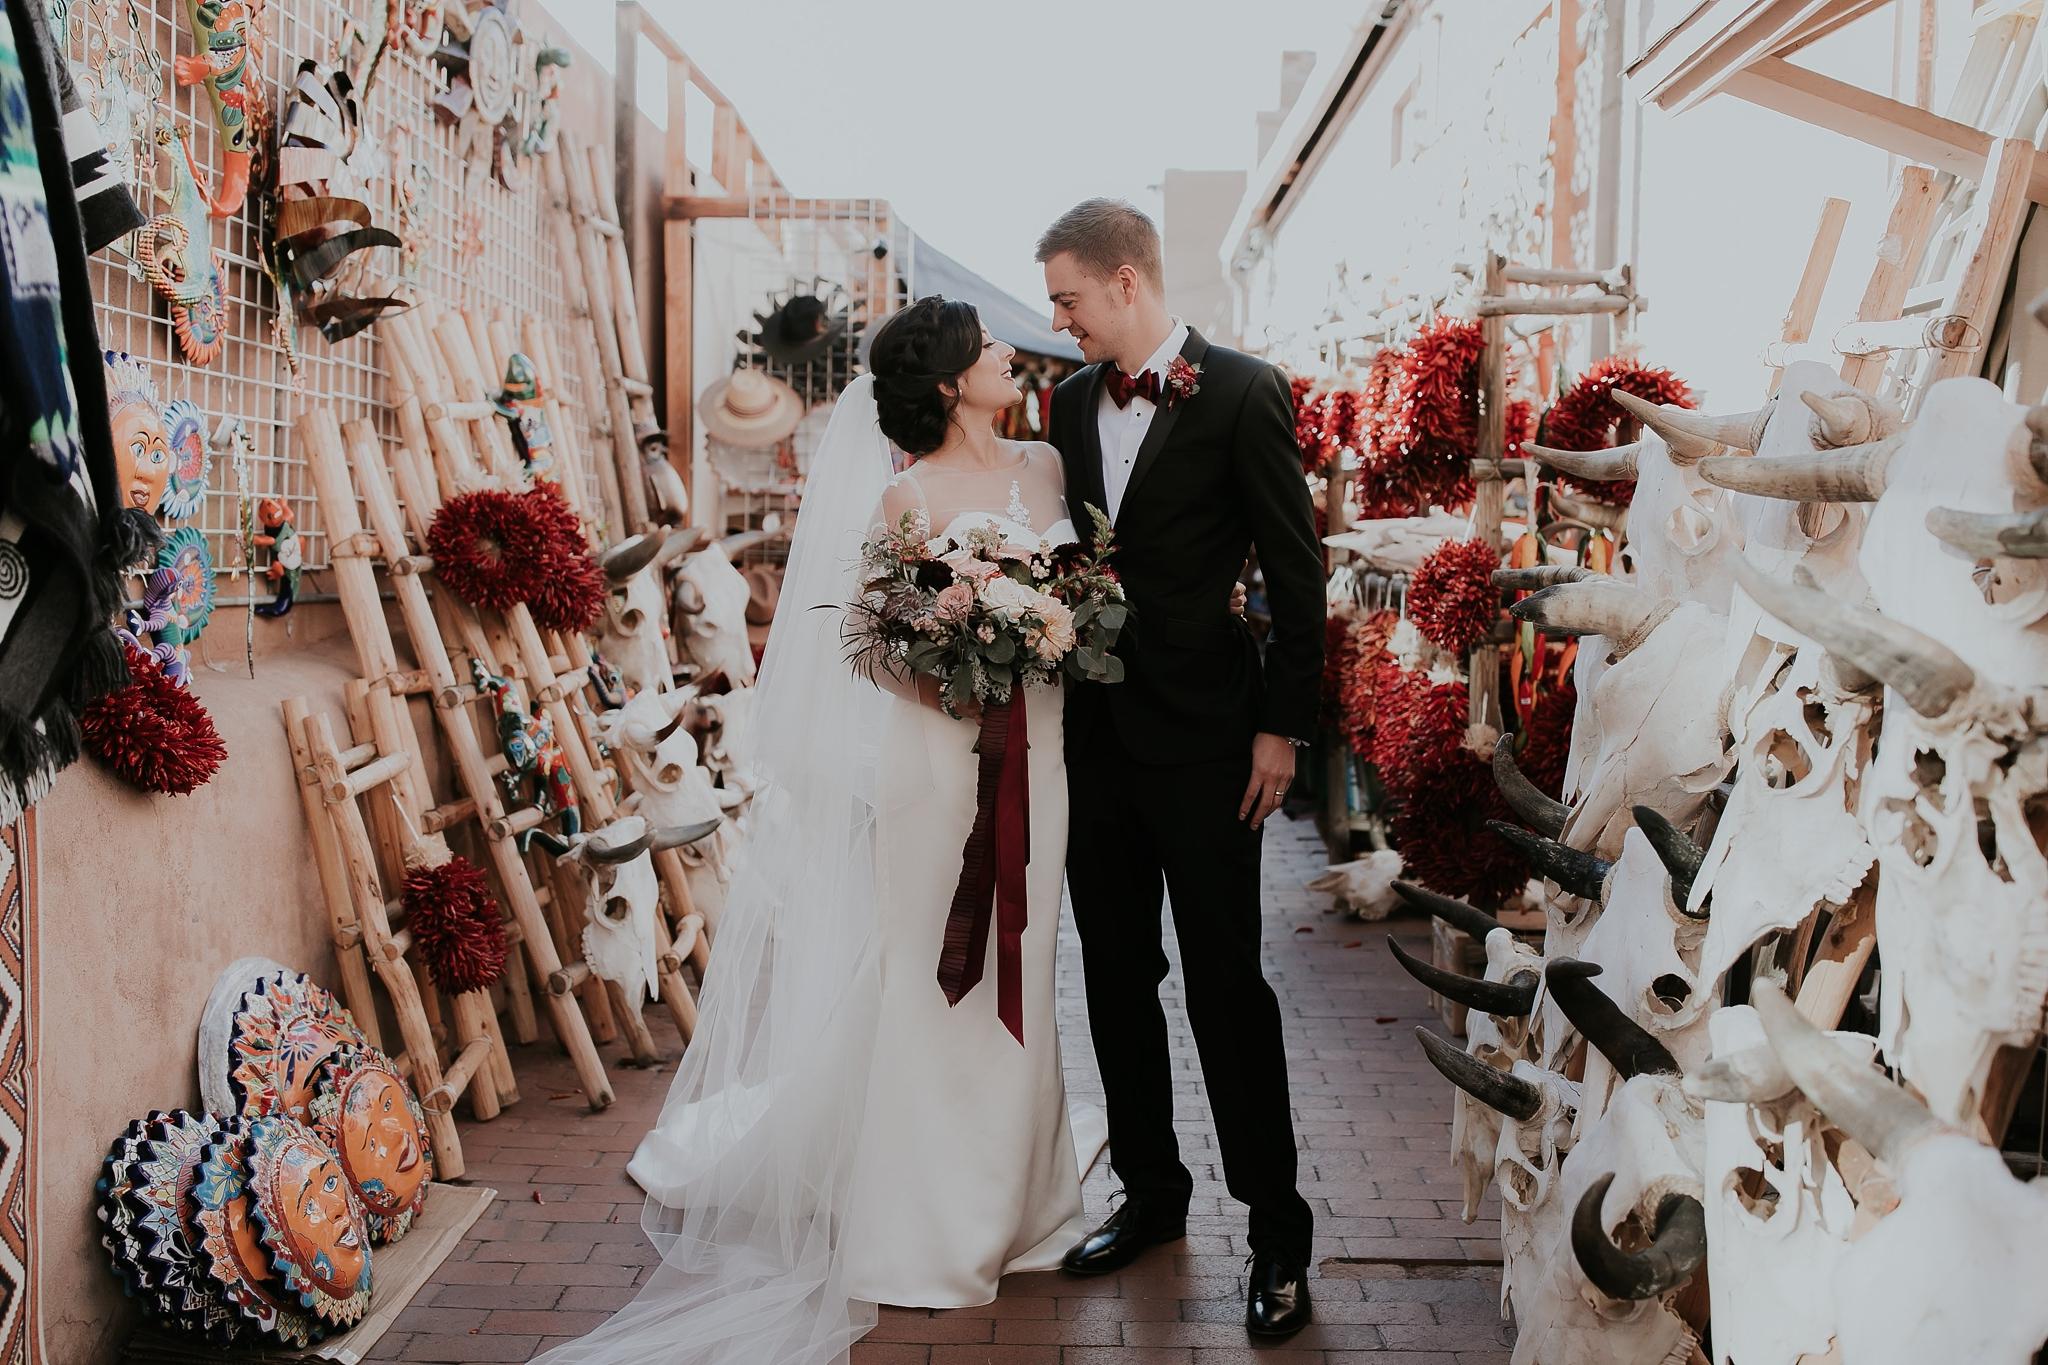 Alicia+lucia+photography+-+albuquerque+wedding+photographer+-+santa+fe+wedding+photography+-+new+mexico+wedding+photographer+-+new+mexico+wedding+-+wedding+photographer+-+wedding+photographer+team_0253.jpg